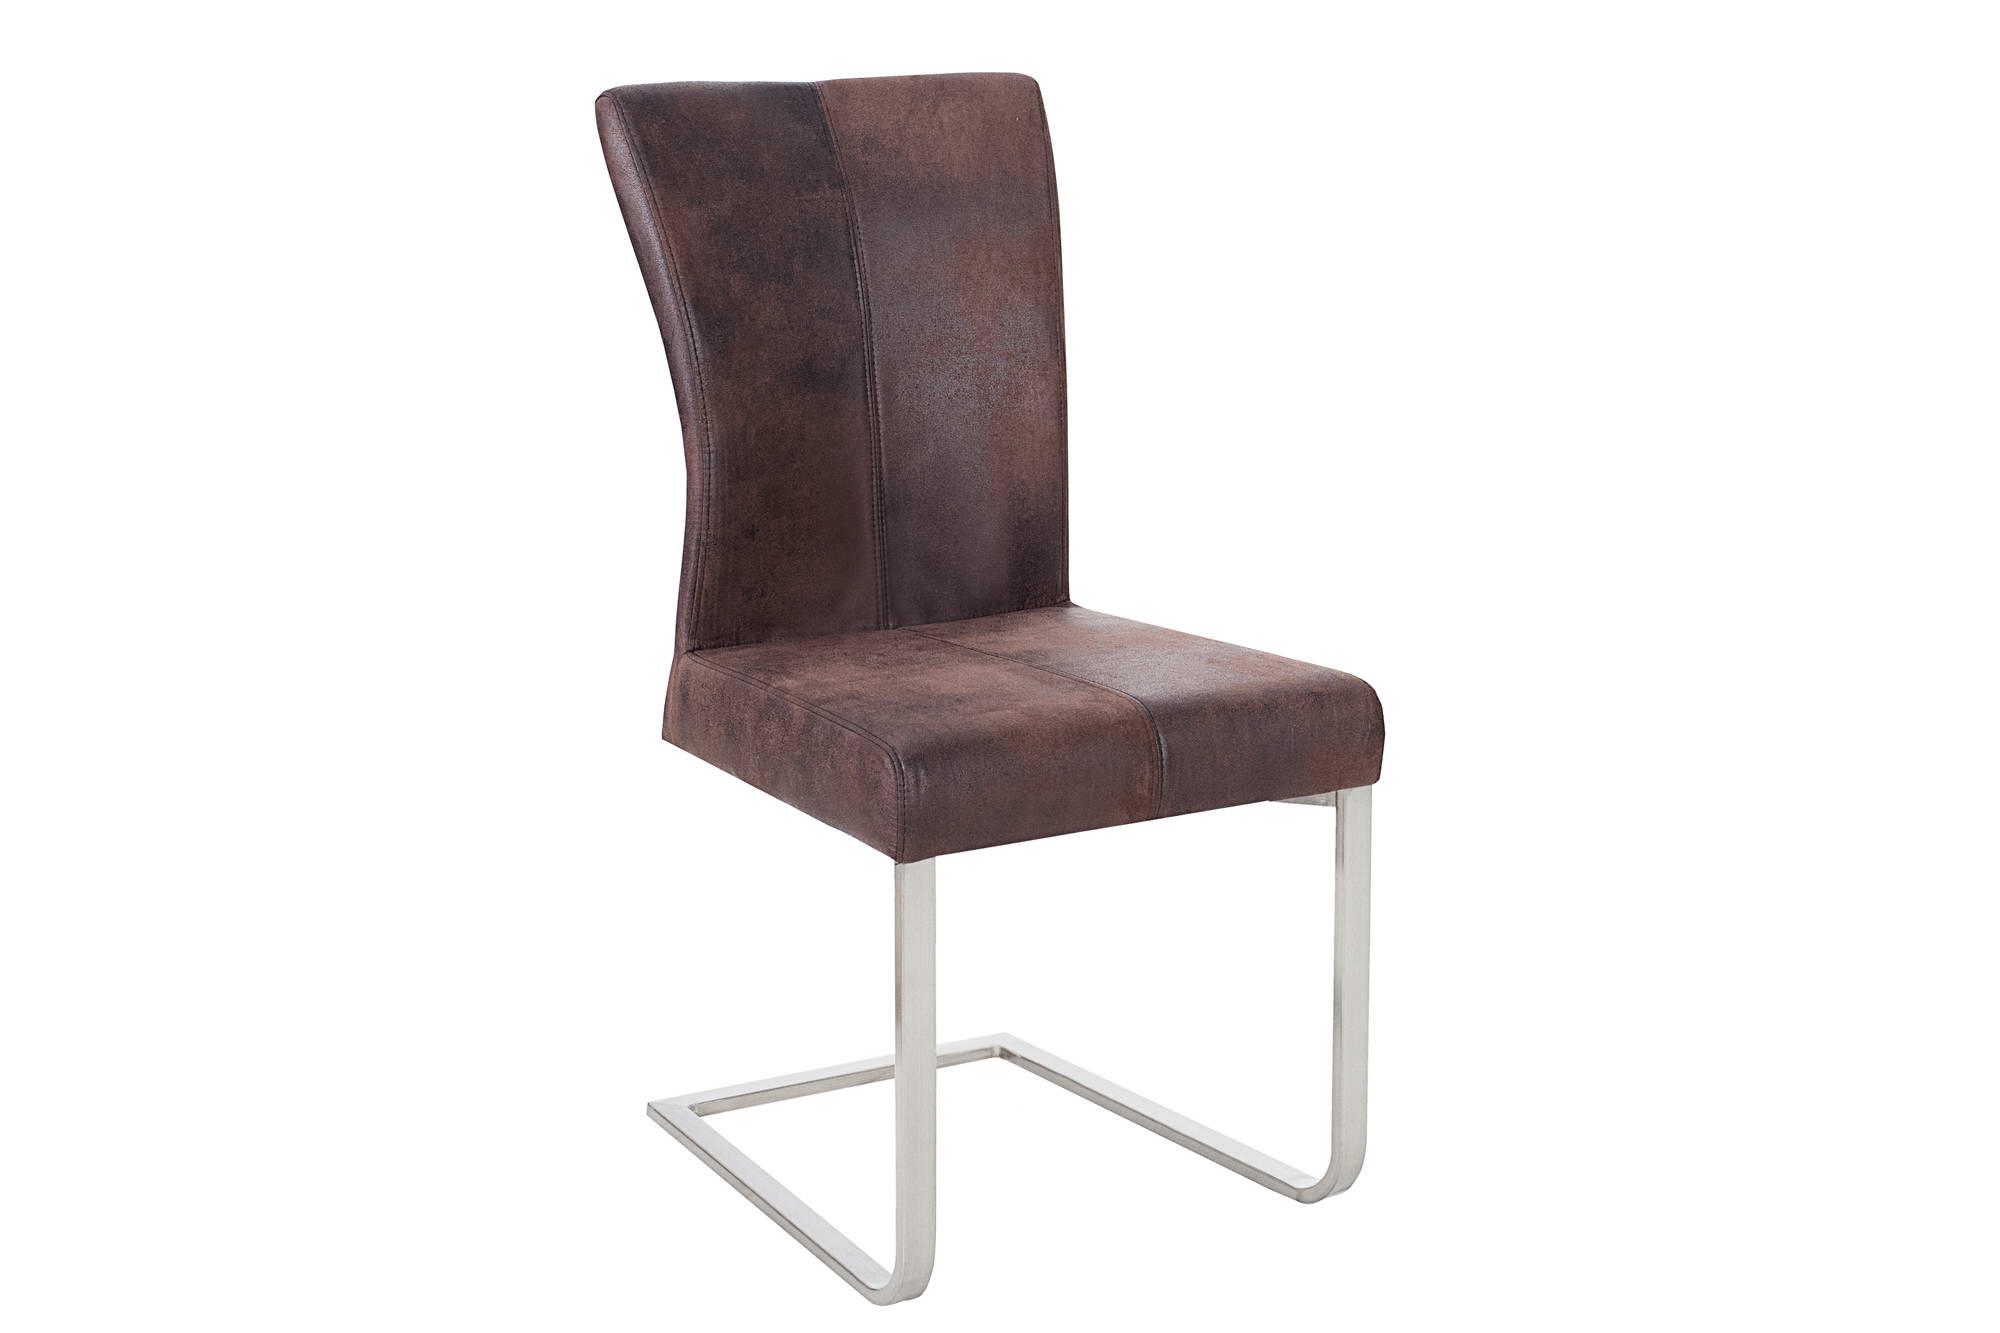 Židle Bull kávově hnědá